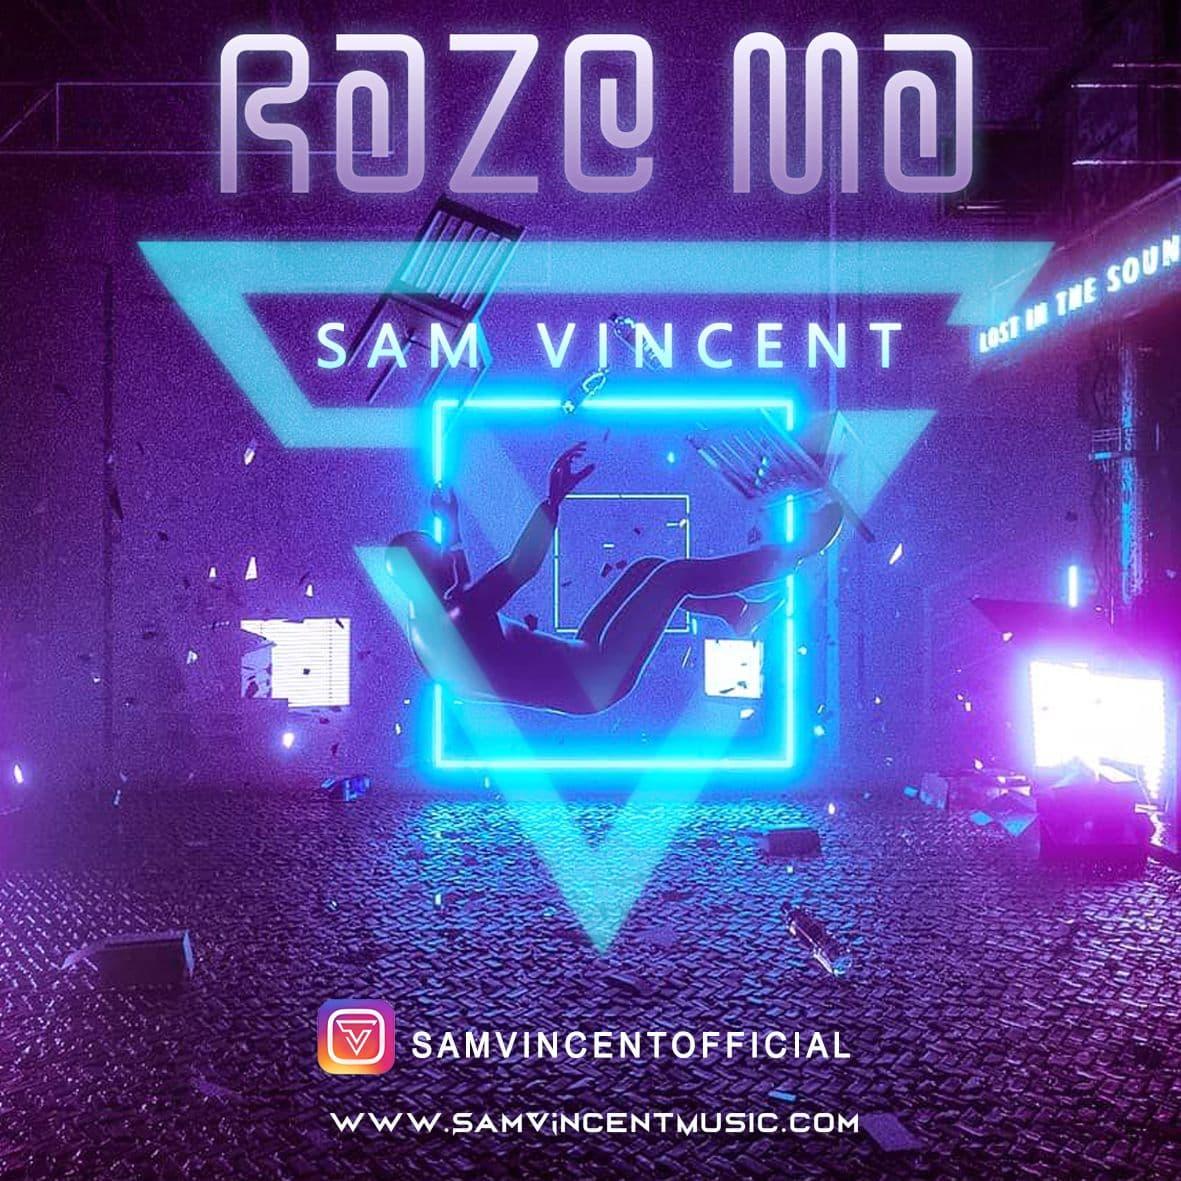 Sam Vincent – Raze Ma